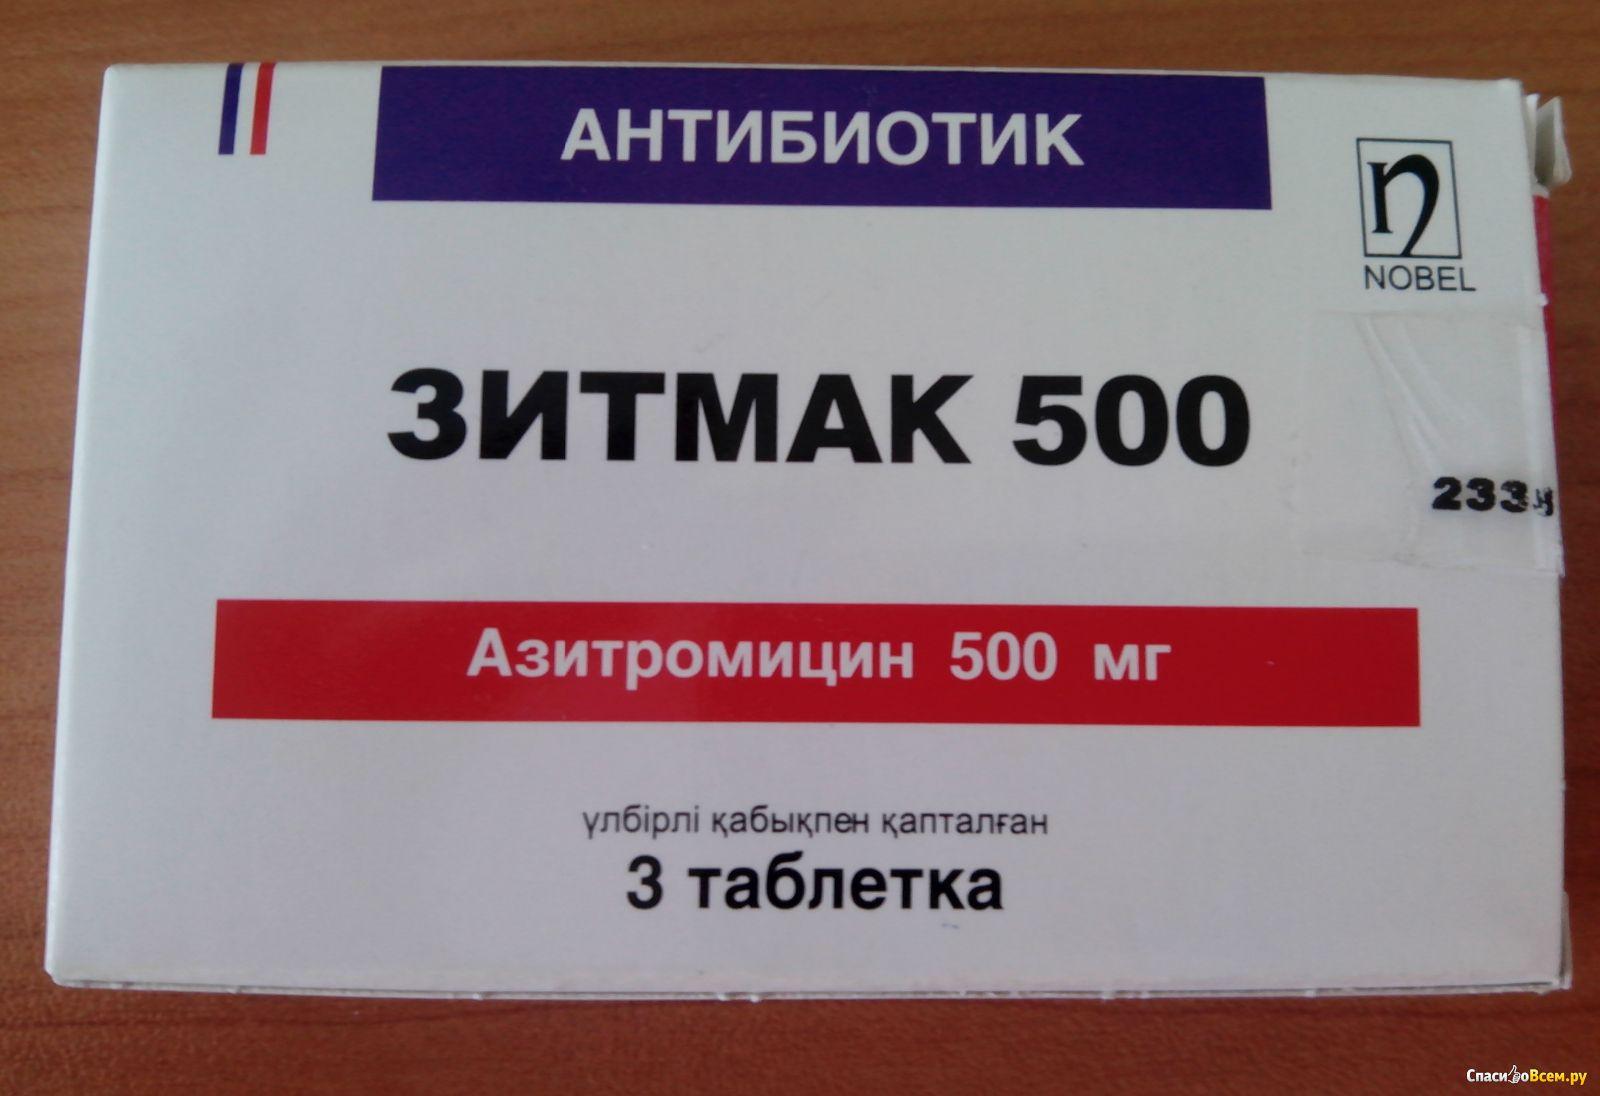 Зитмак 500 мг №3 табл. П. П. О. Купить, цена и отзывы, инструкция по.